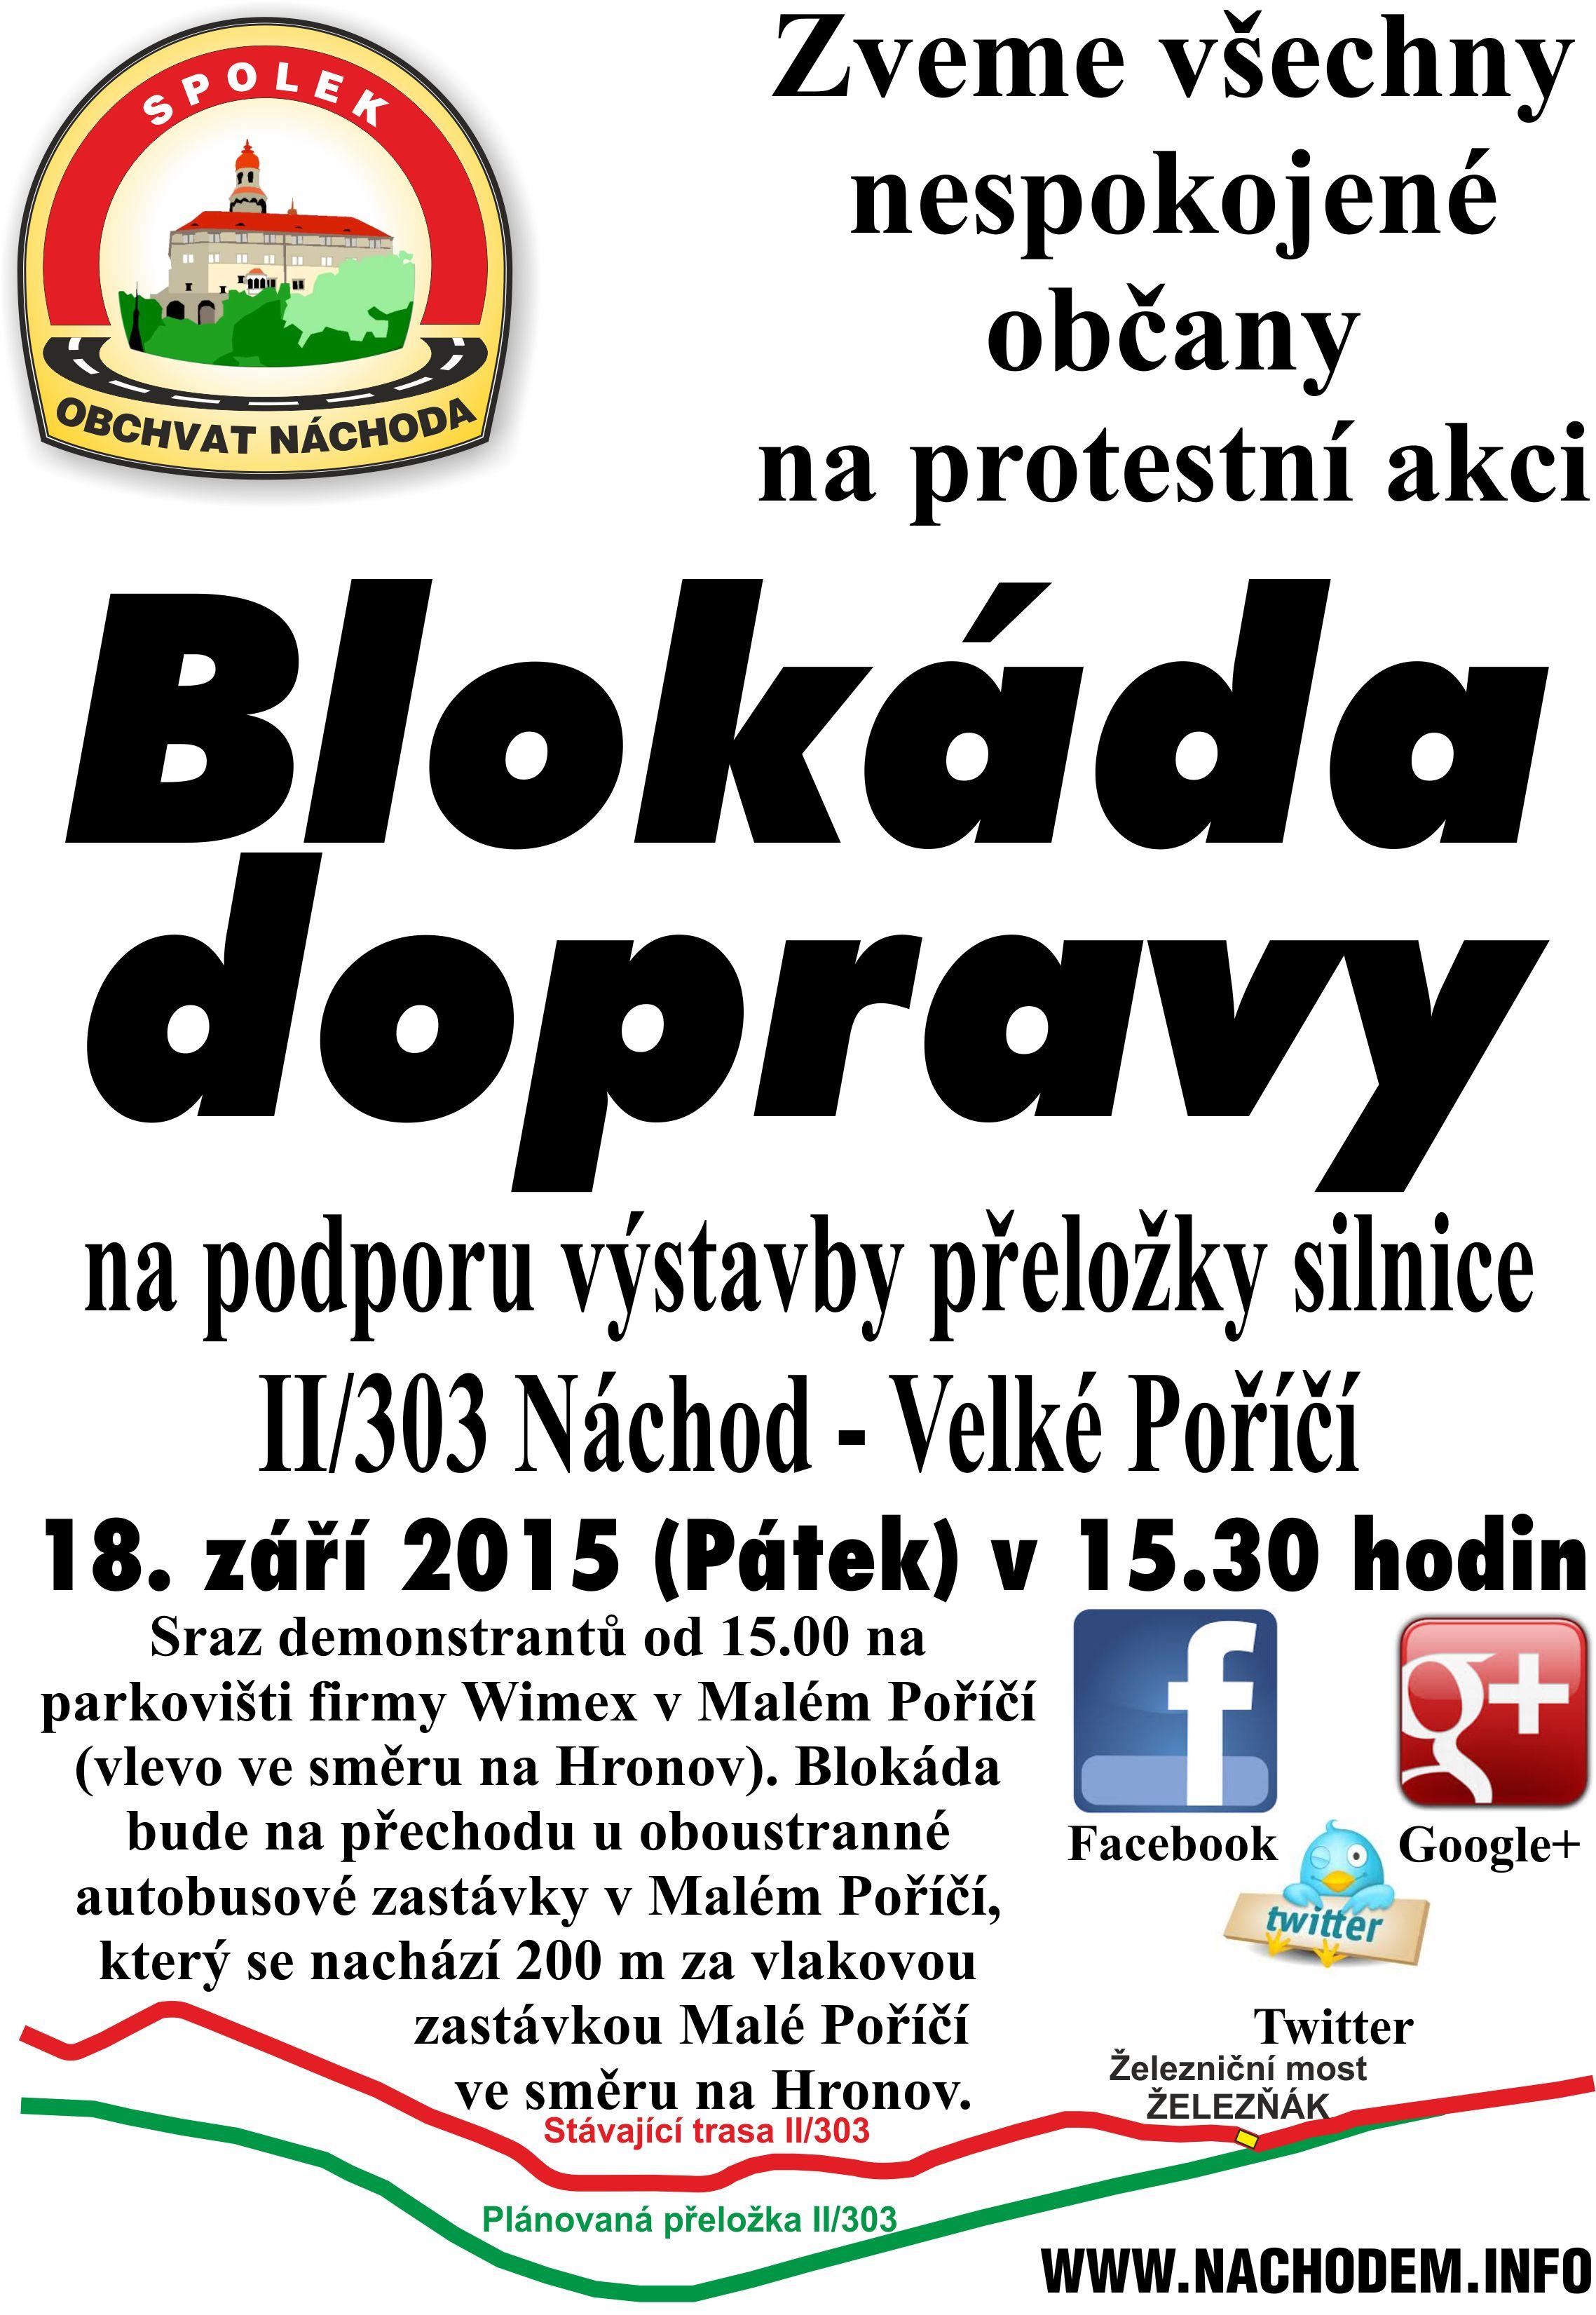 Pozvánka na blokádu 18. 9. 2015